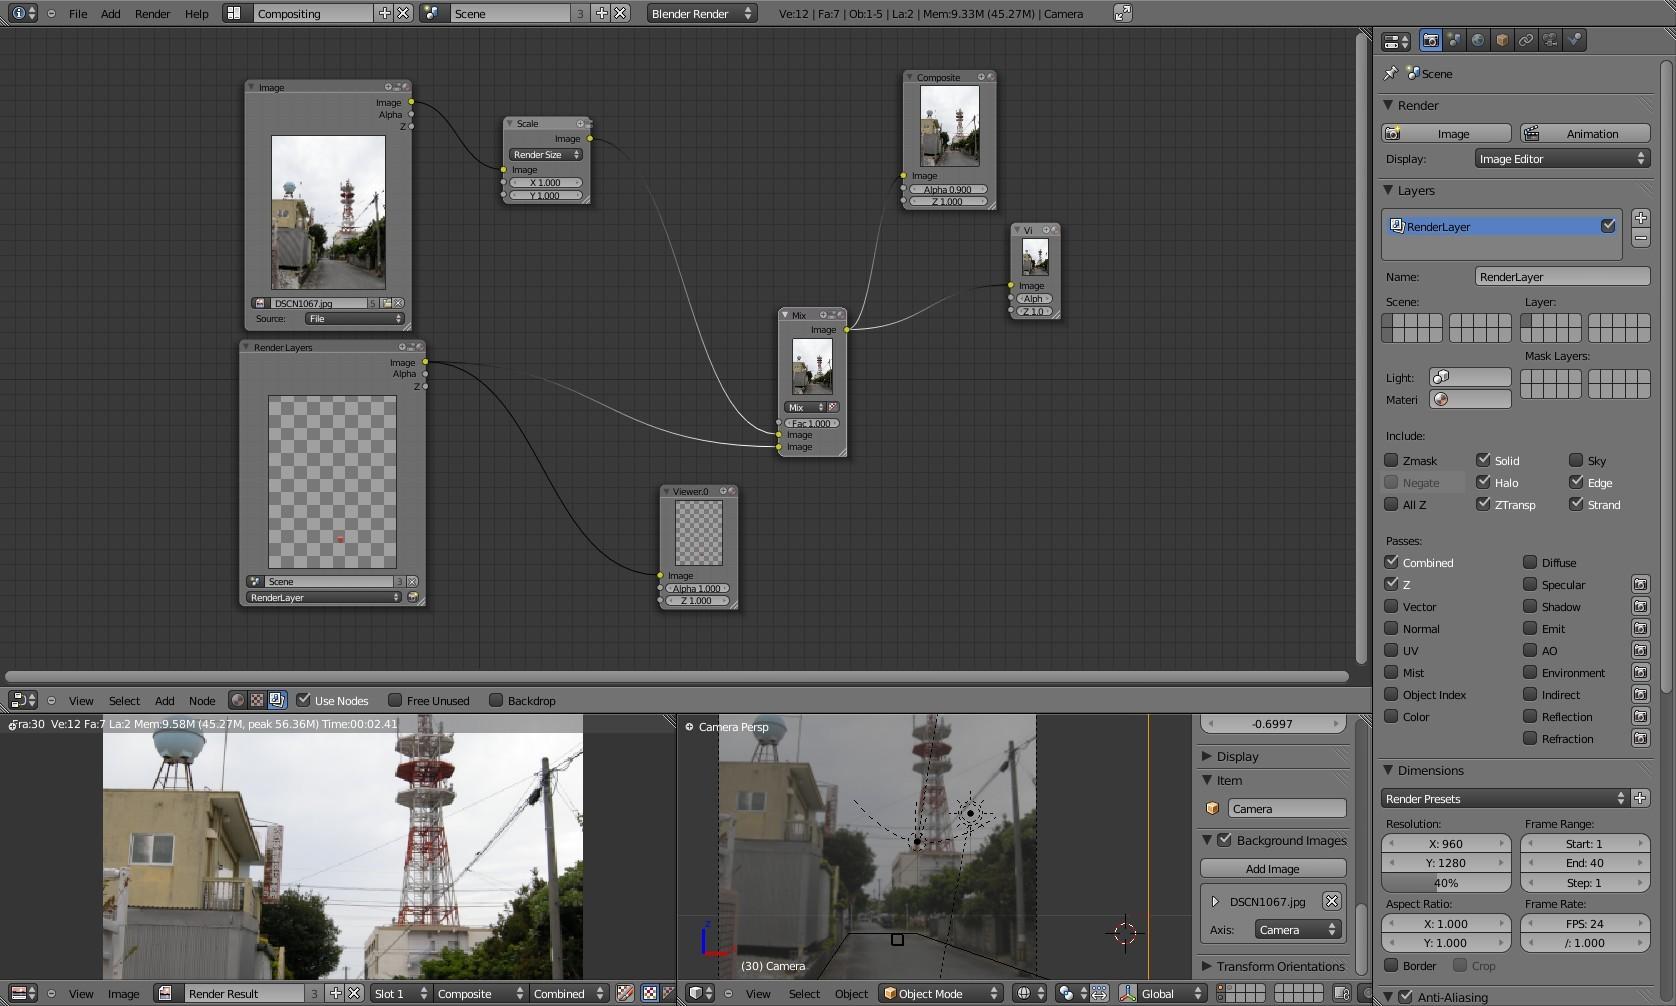 blender 3d tutorial『2Dのイラストの背景画や風景写真との3D合成方法』_a0011382_16453161.jpg